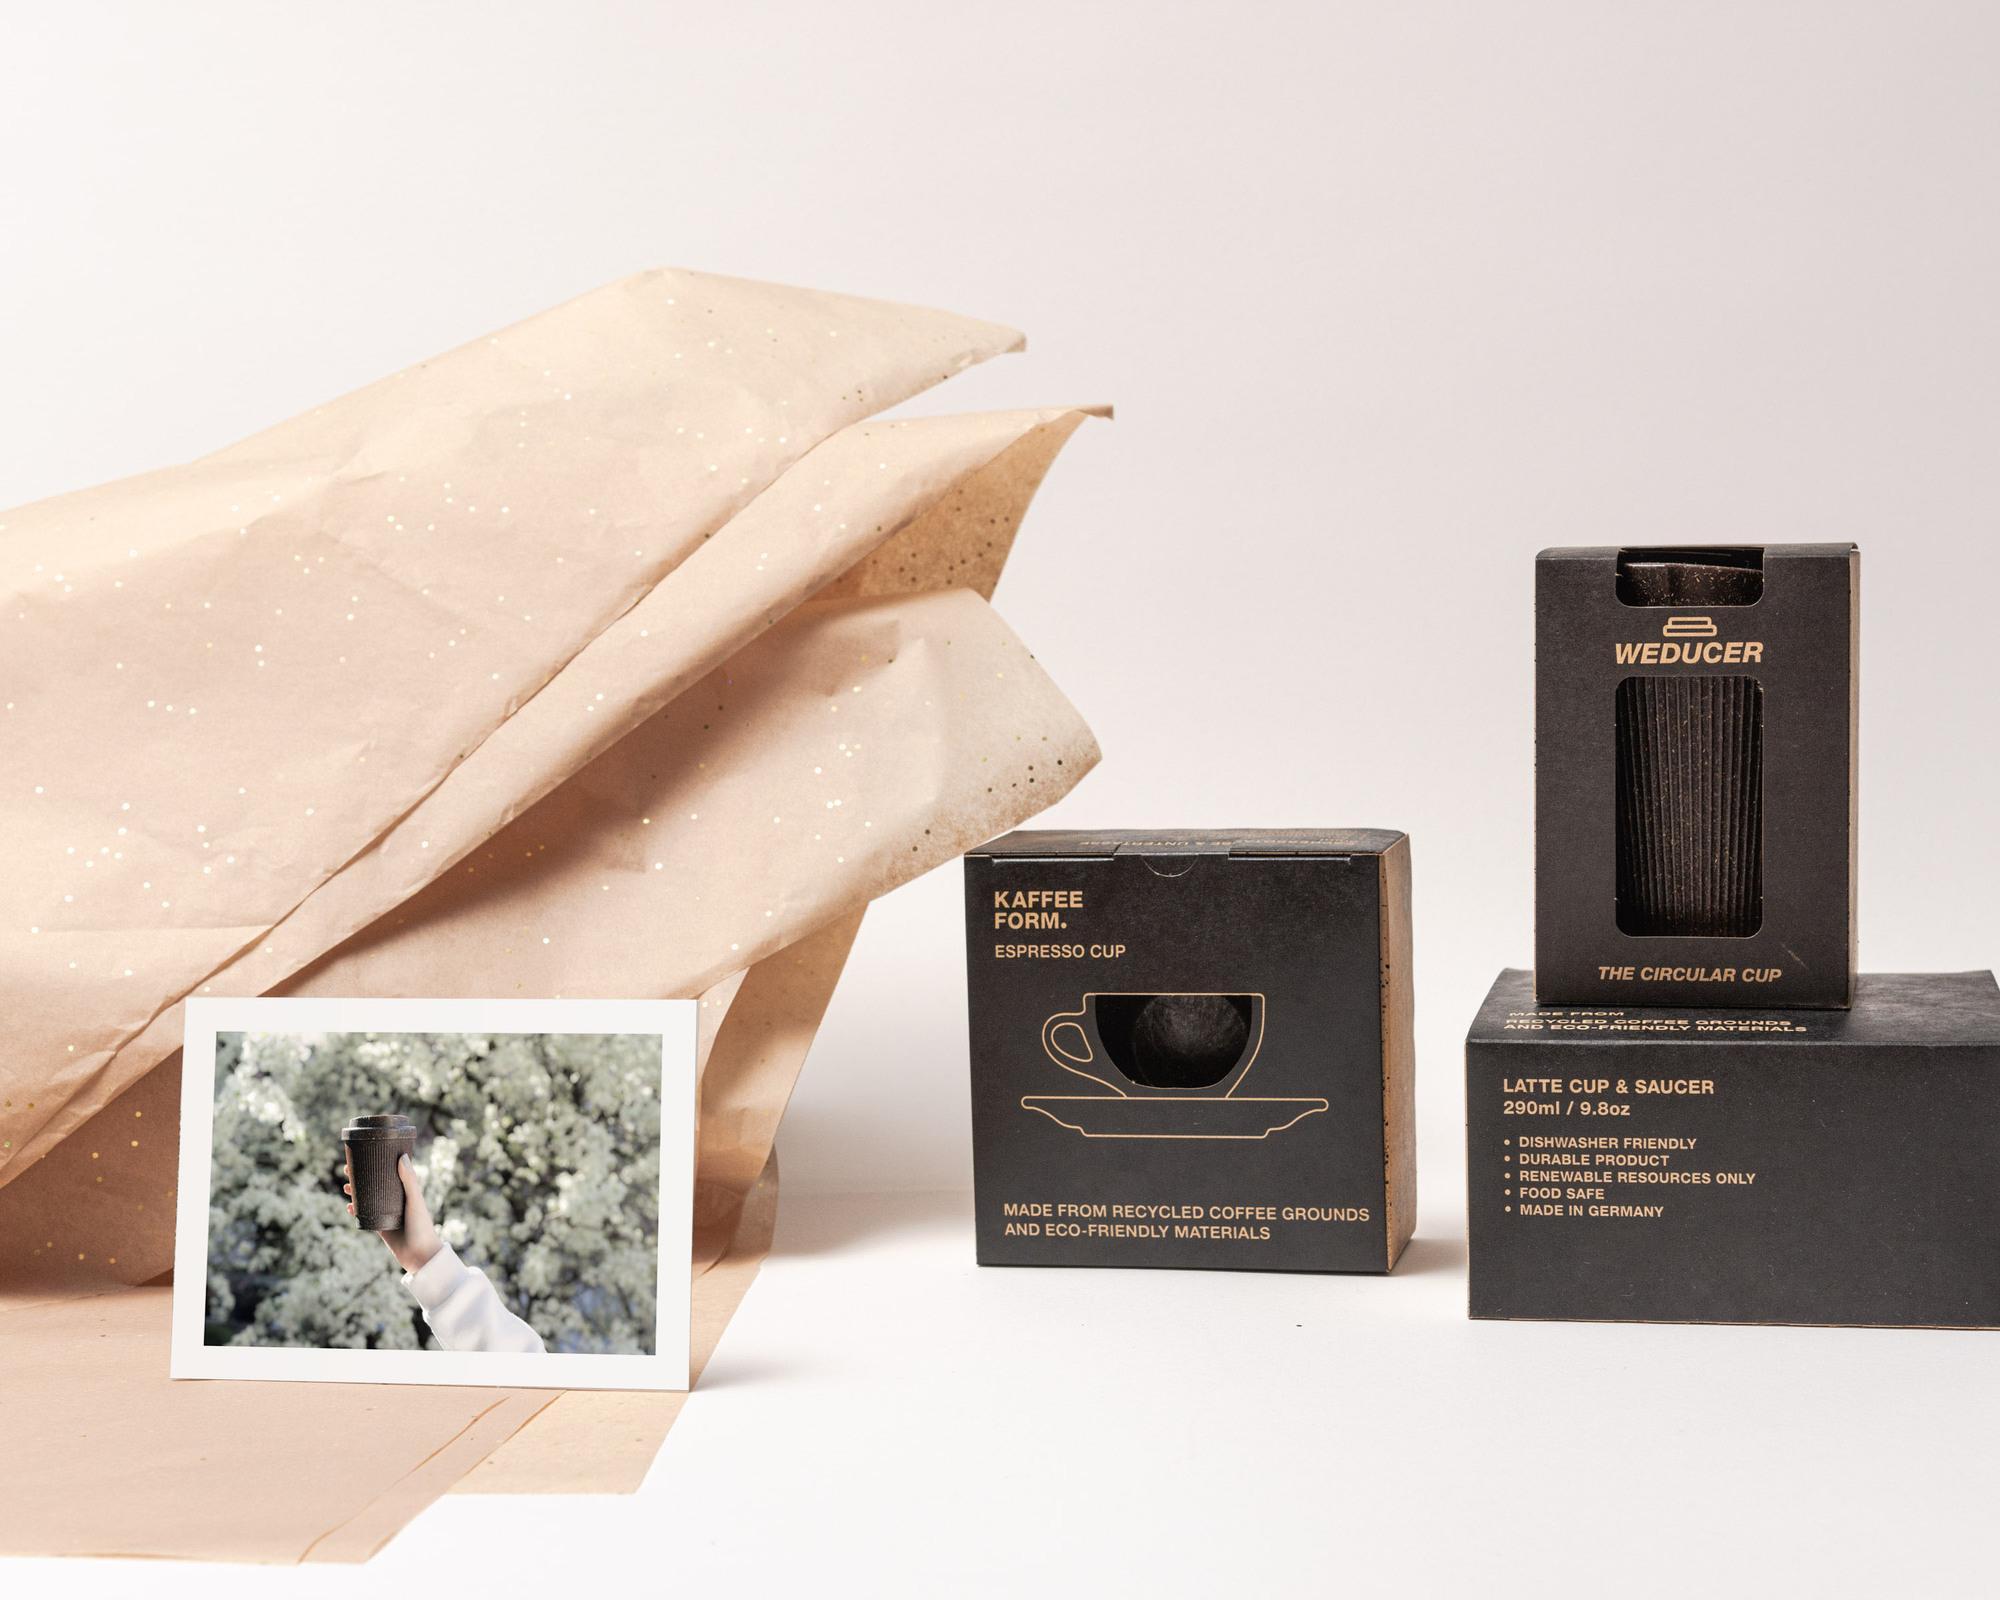 Kaffeeform Geschenkservice mit Weducer, Cups, Geschenkpapier und Grußkarte